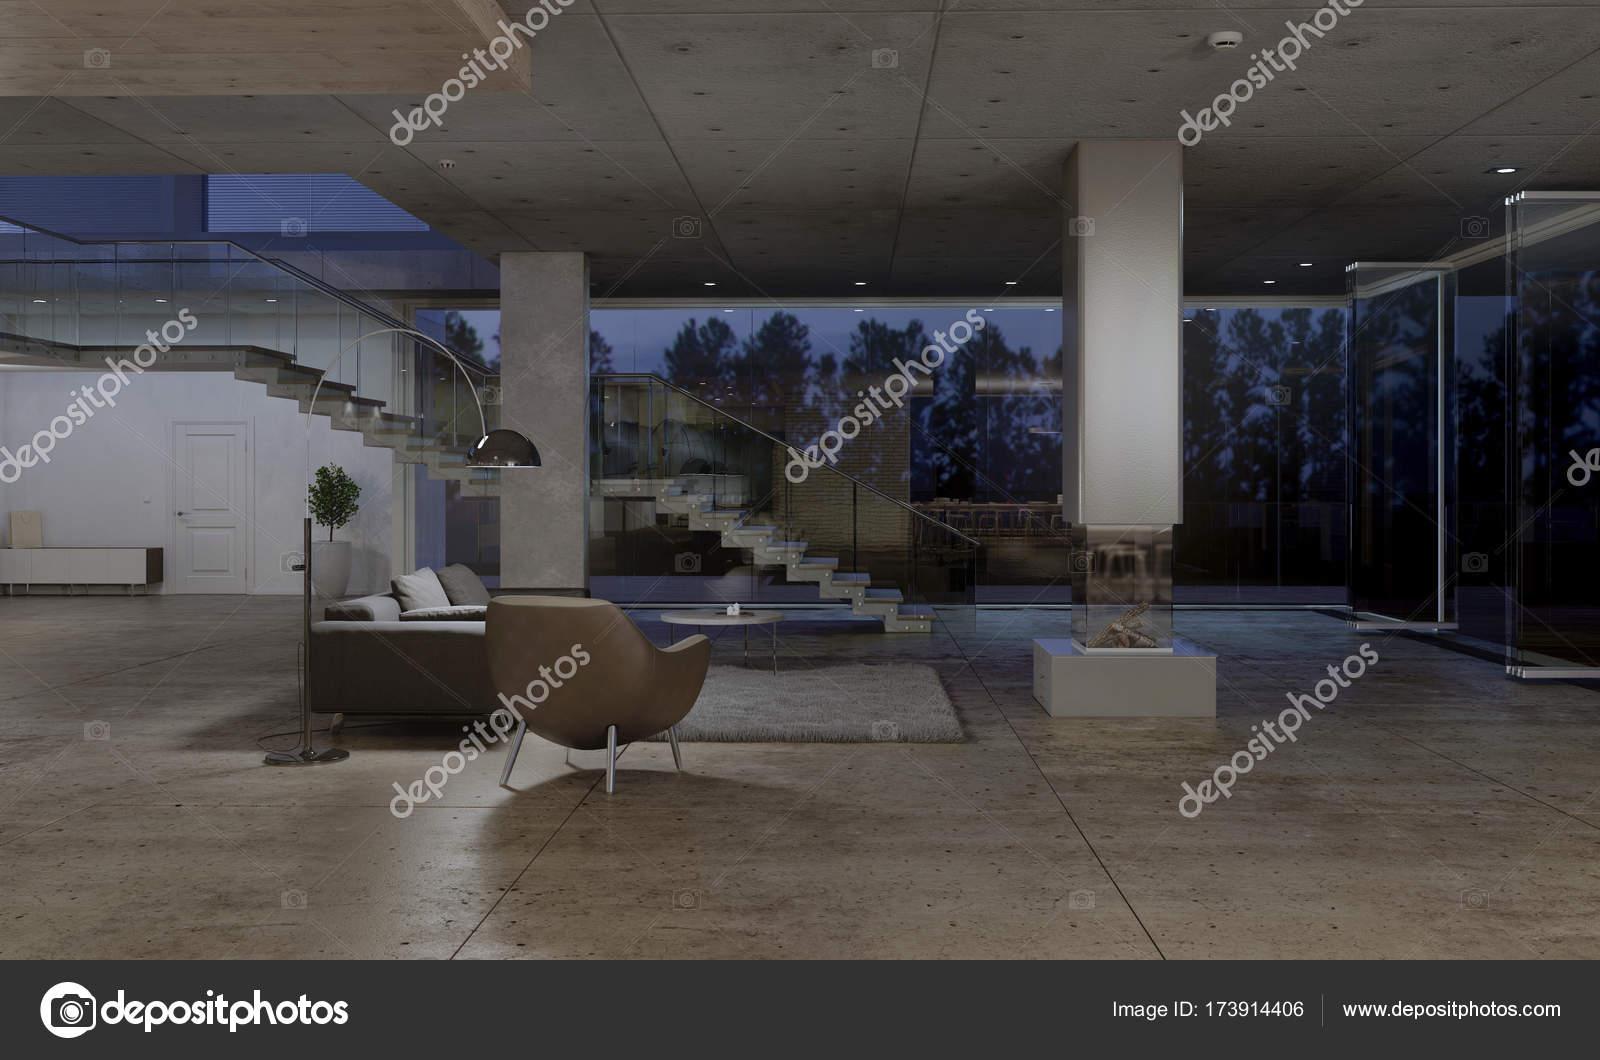 donkere woonkamer interieur met glazen deur en grote ramen die uitkijken op de tuin 3d rendering foto van photographeeeu